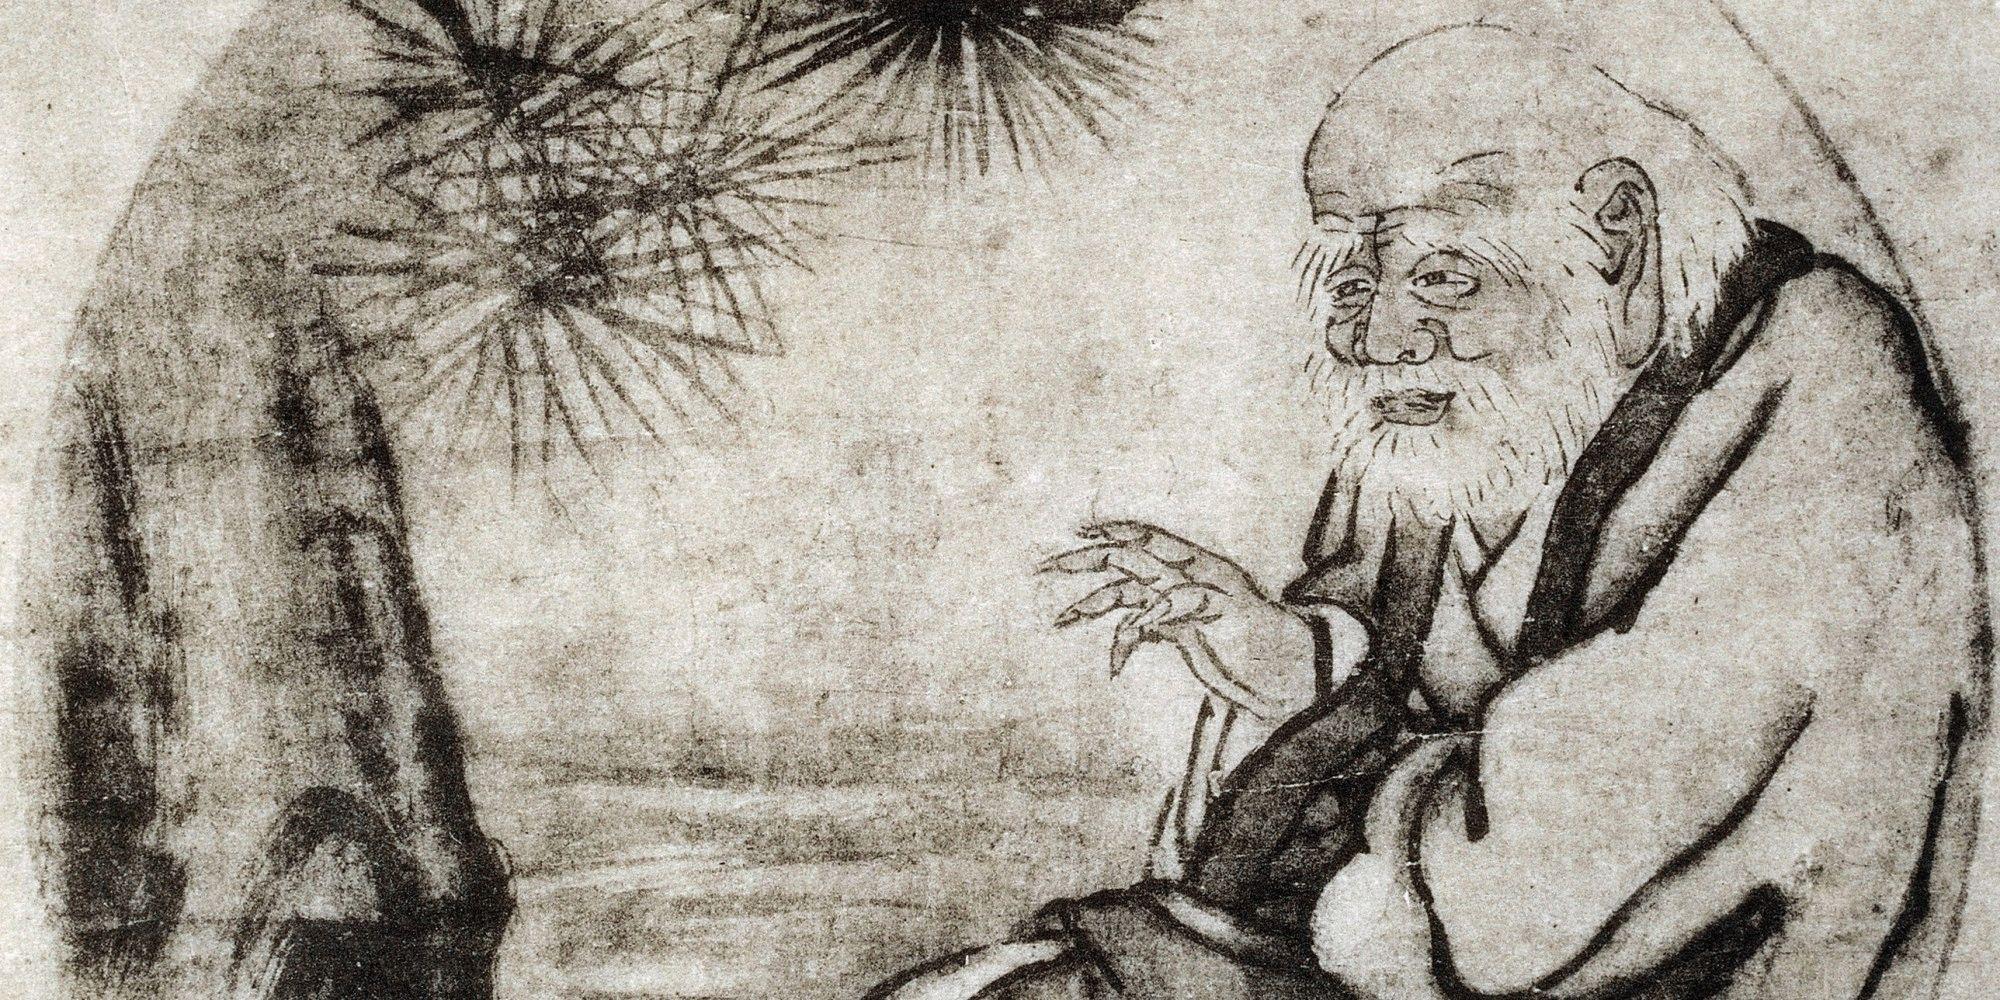 Даосизм и его основатель Лао Цзы